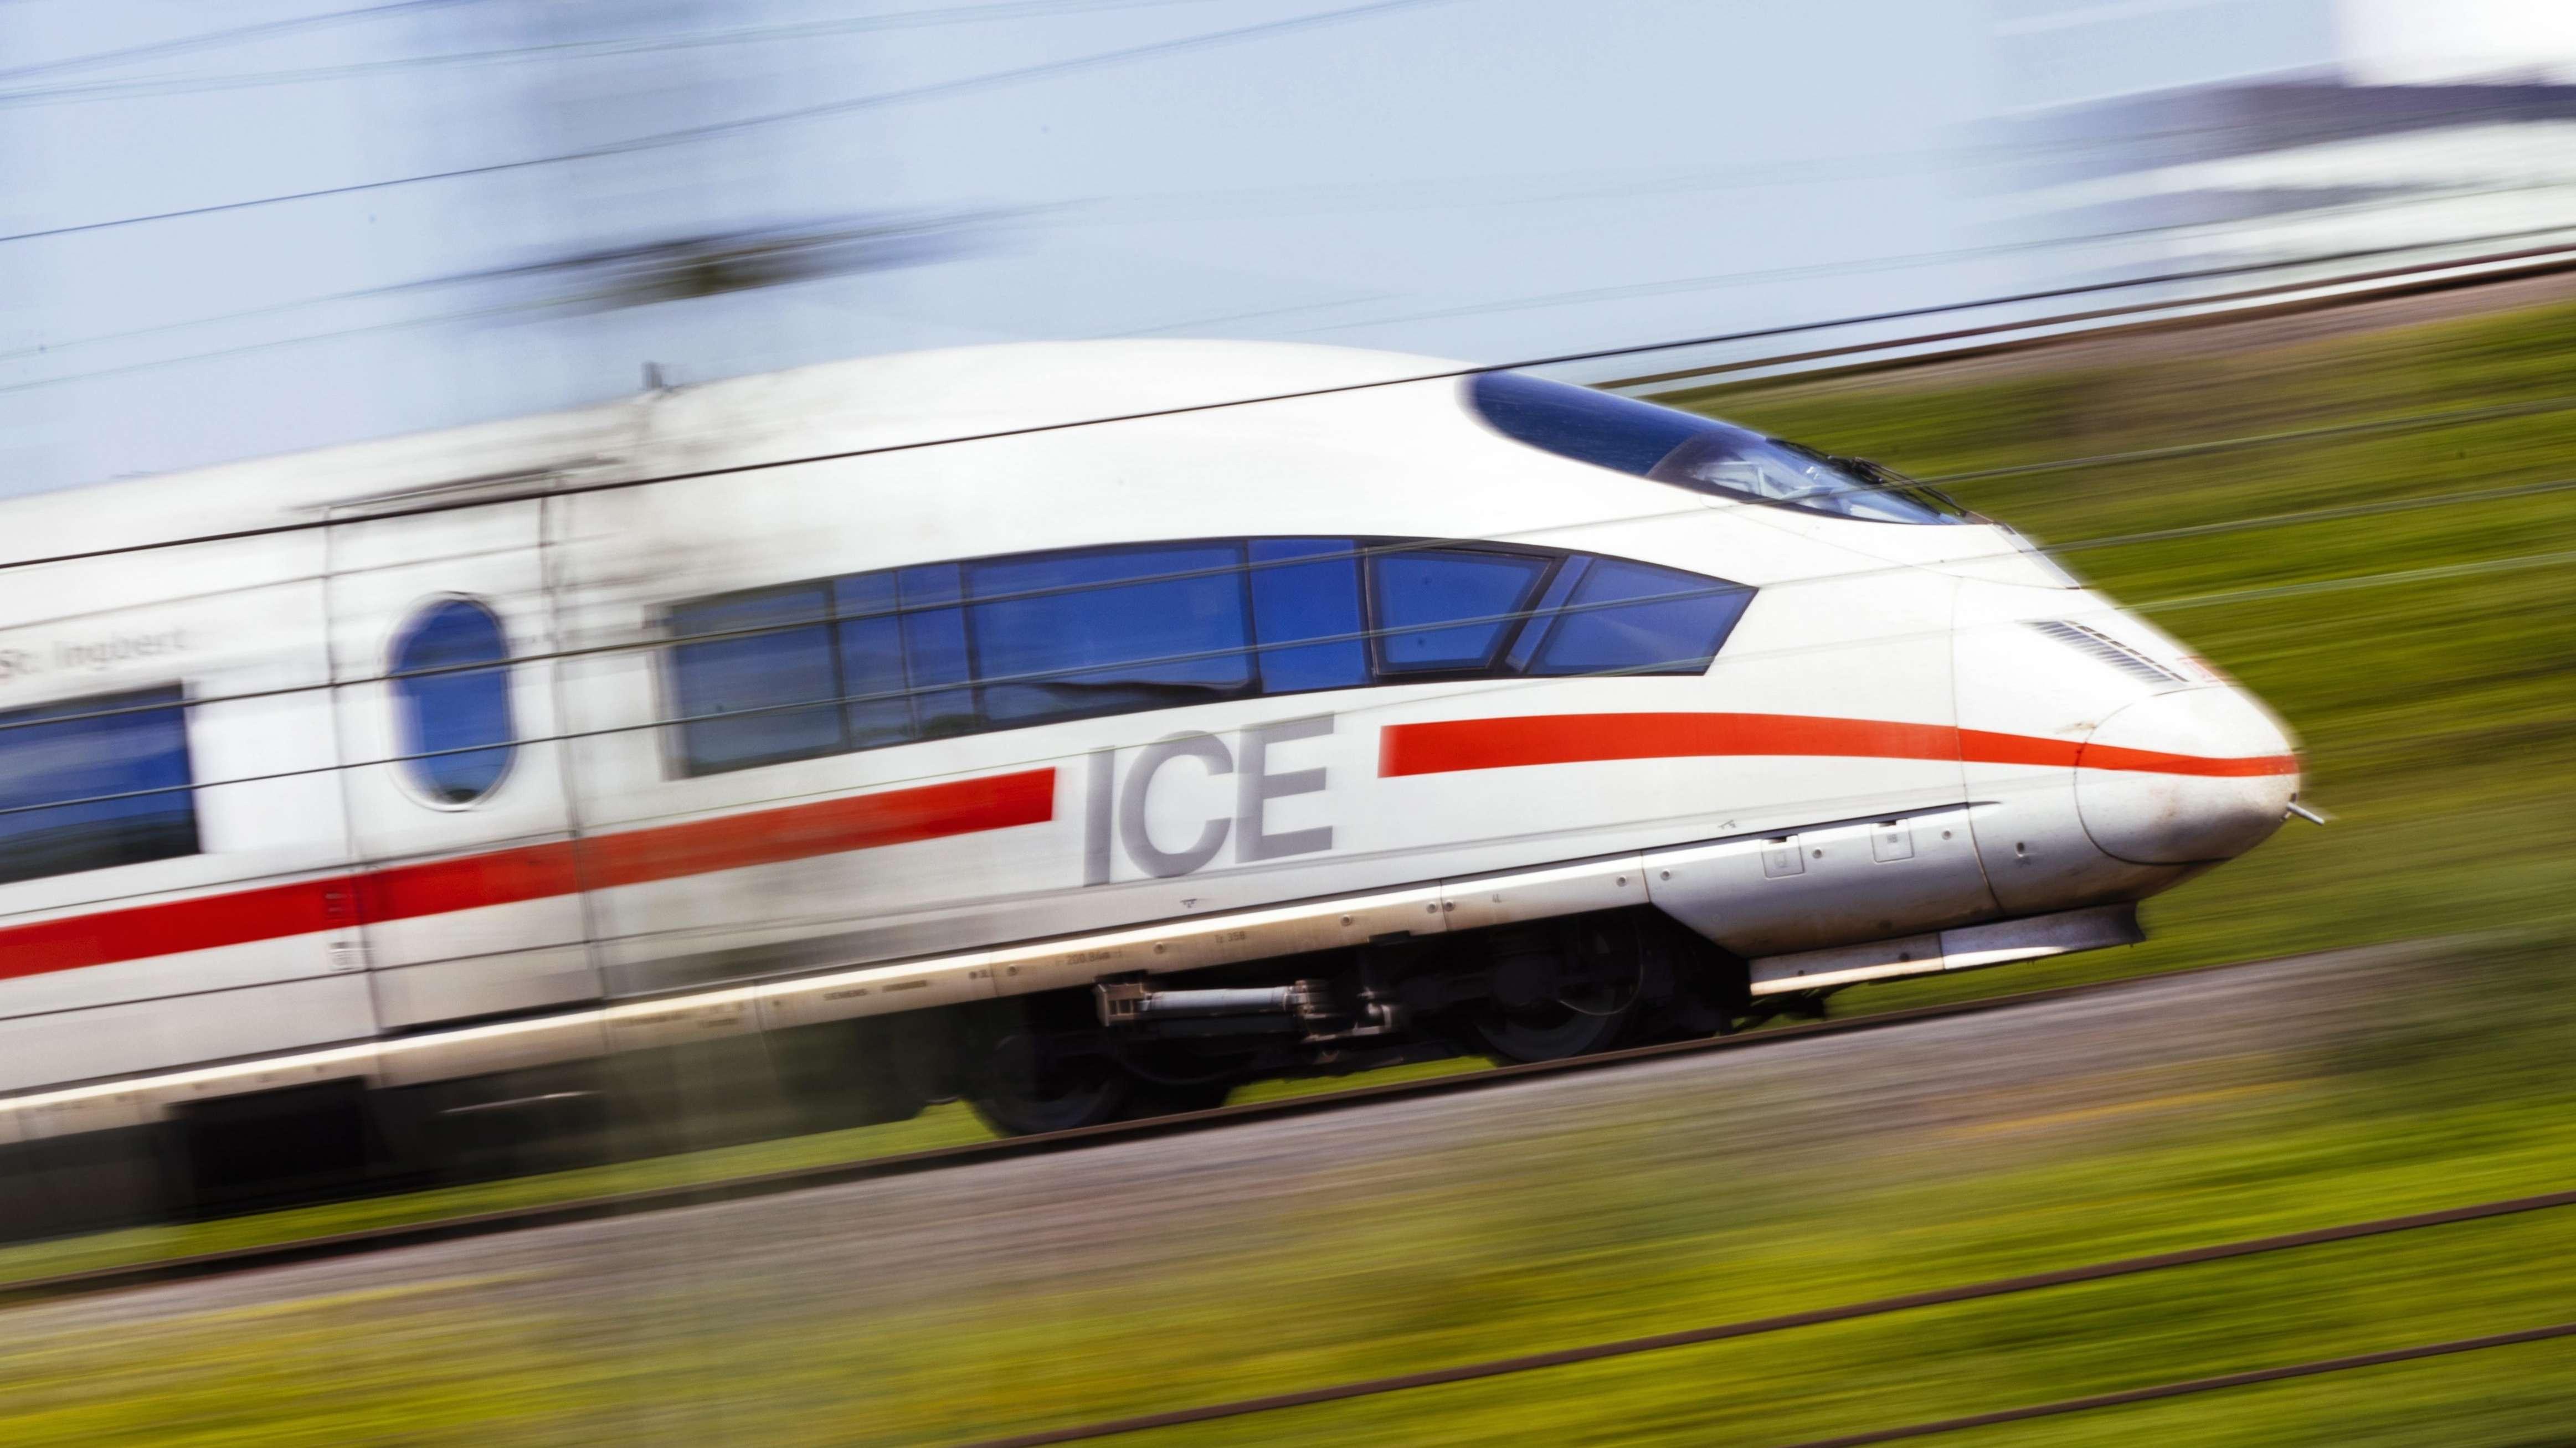 Ein ICE der Deutschen Bahn auf den Schienen